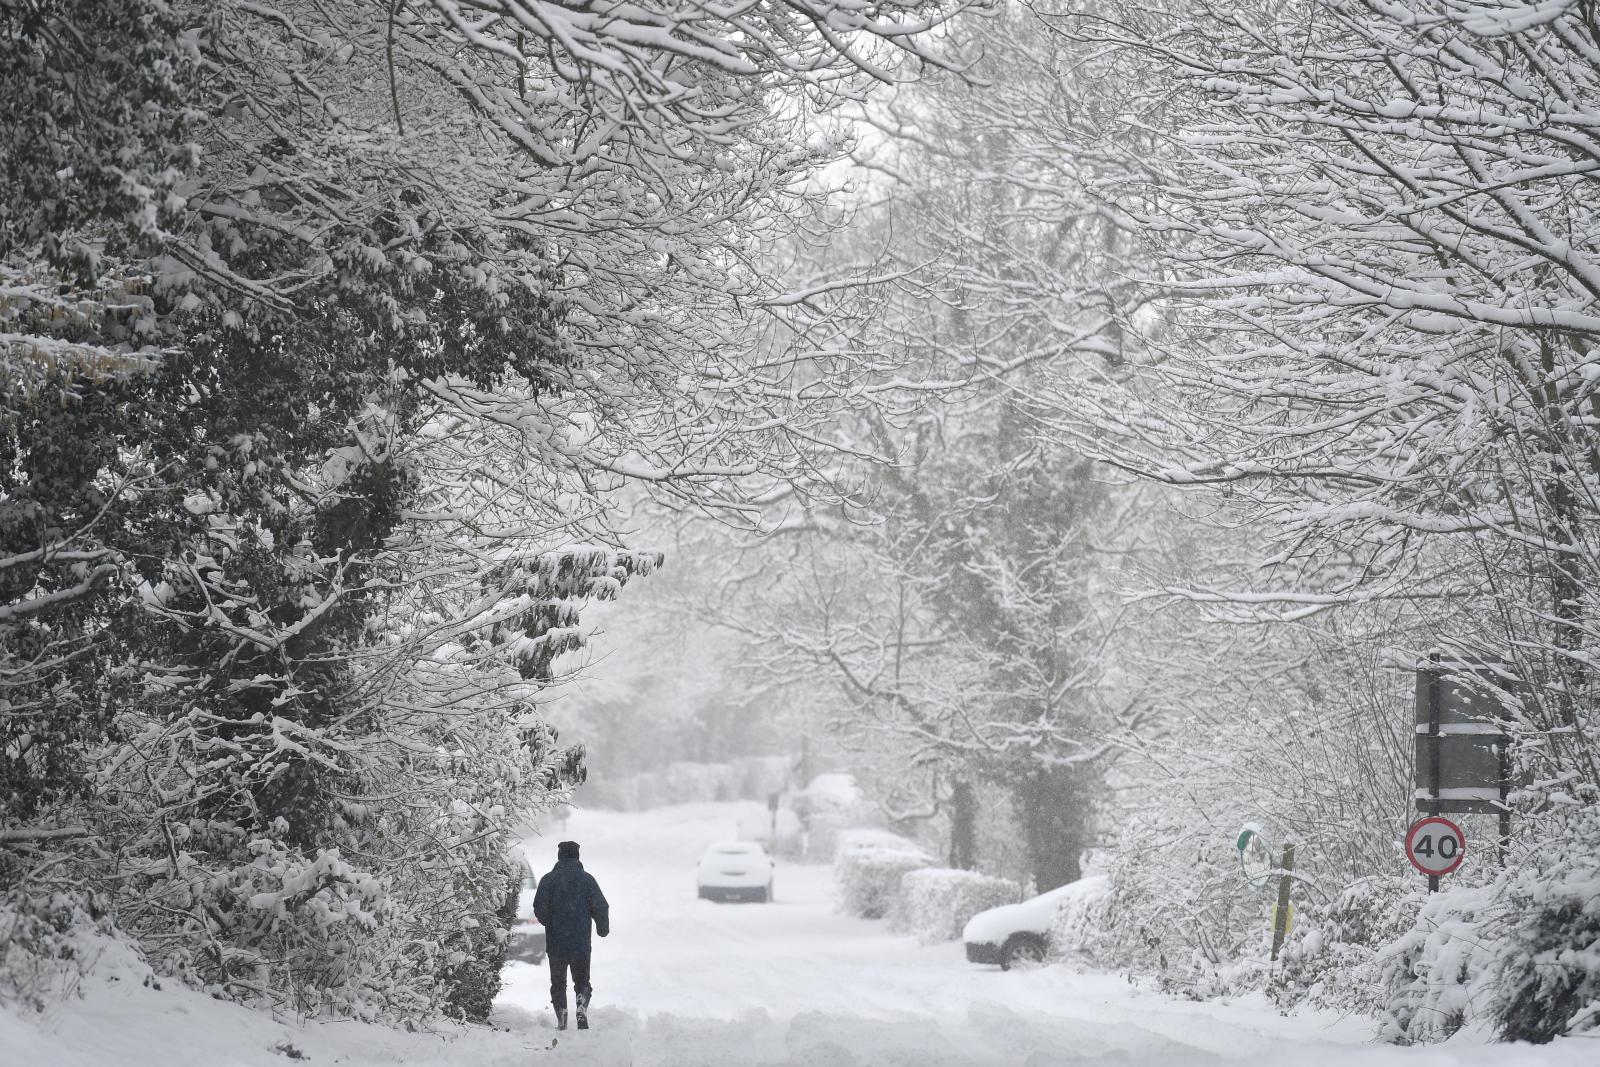 สภาพอากาศแปรปรวนทำขั้วโลกเหนืออุ่นกว่ายุโรป